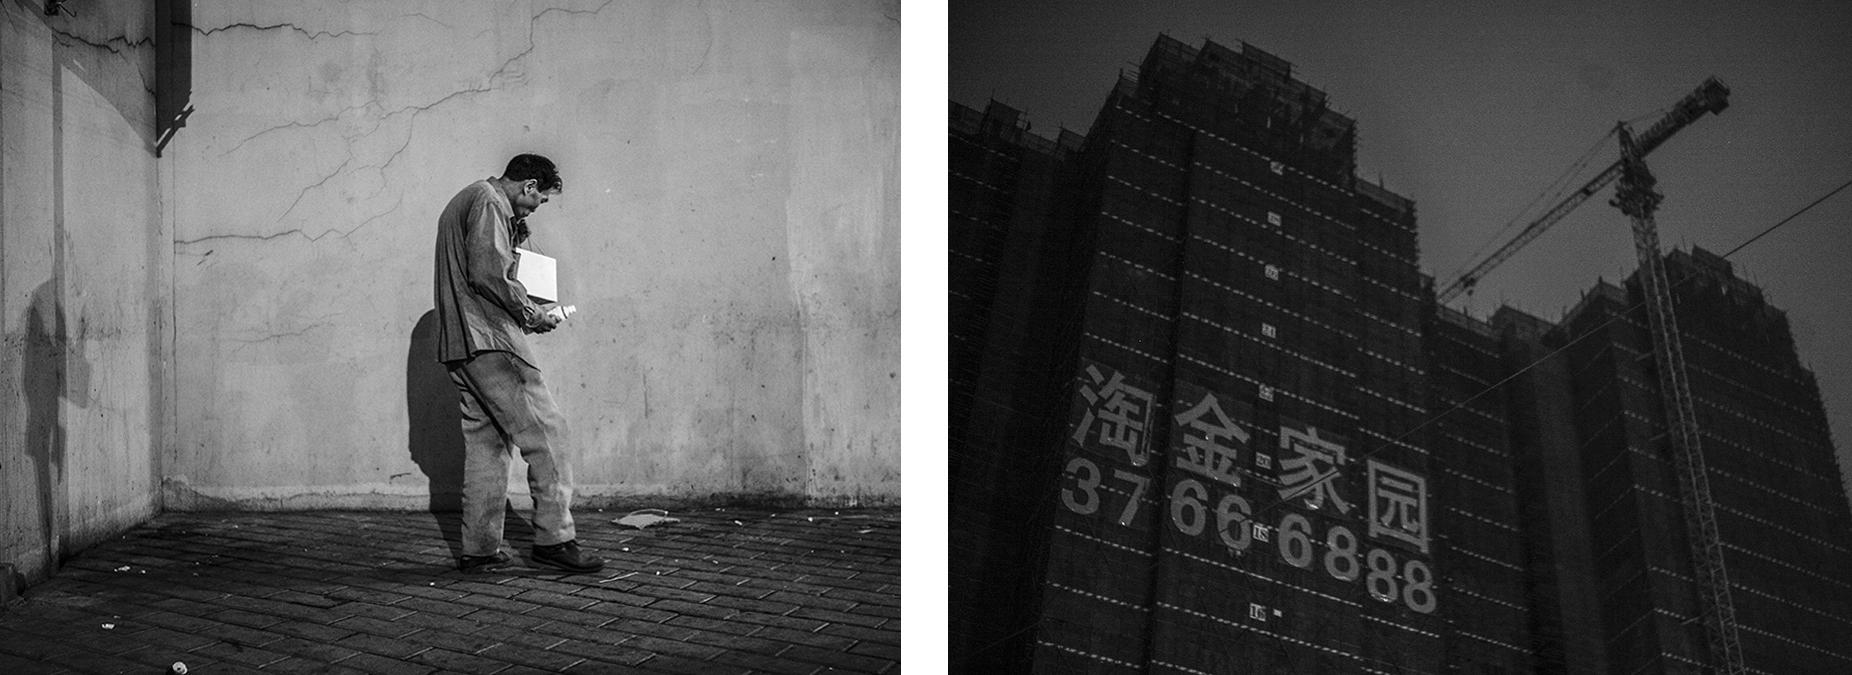 Damien NIkora_China007_0006_Layer 2.jpg